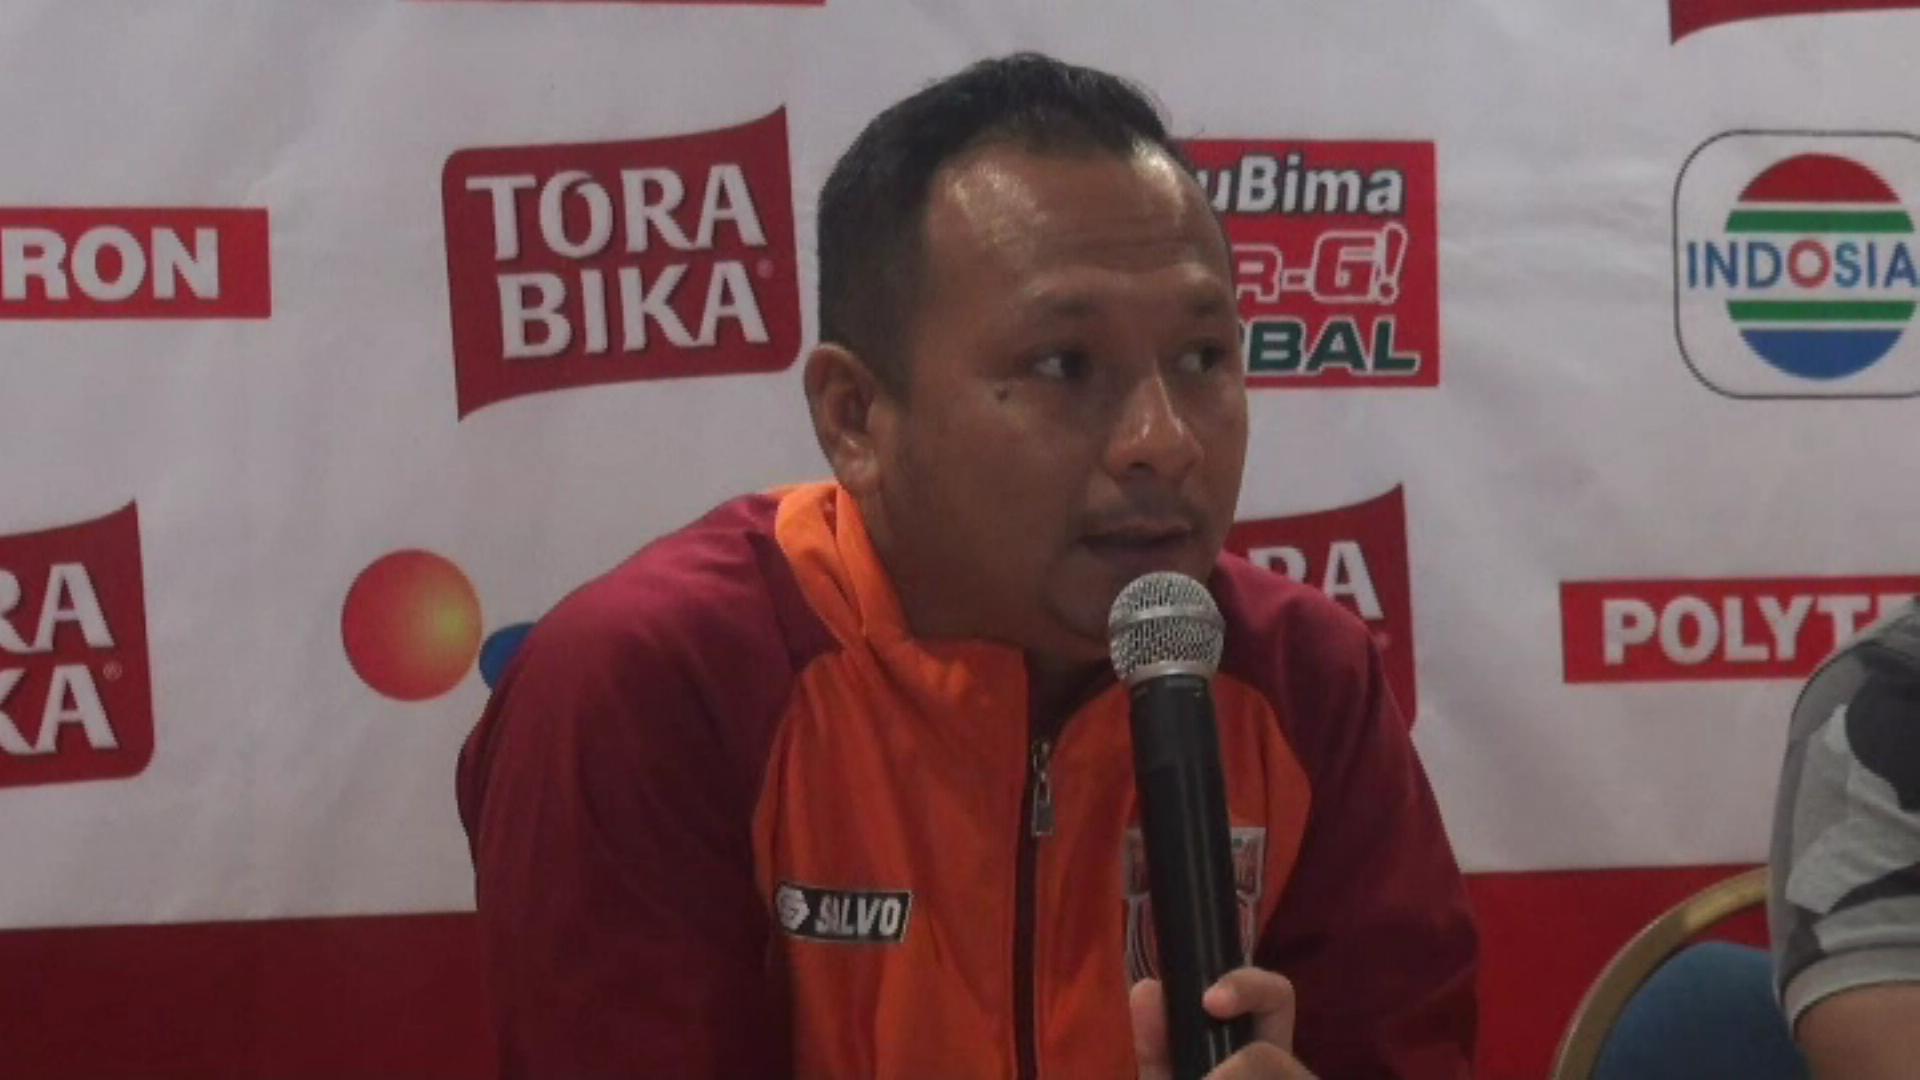 Pelatih Pusamania Borneo FC (PBFC) PBFC Ricky Nelson saat jumpa pers menjelang duel melawan Persib Bandung di leg pertama semifinal Piala Presiden, Rabu (1/3). Foto oleh Sapri Maulana/Rappler